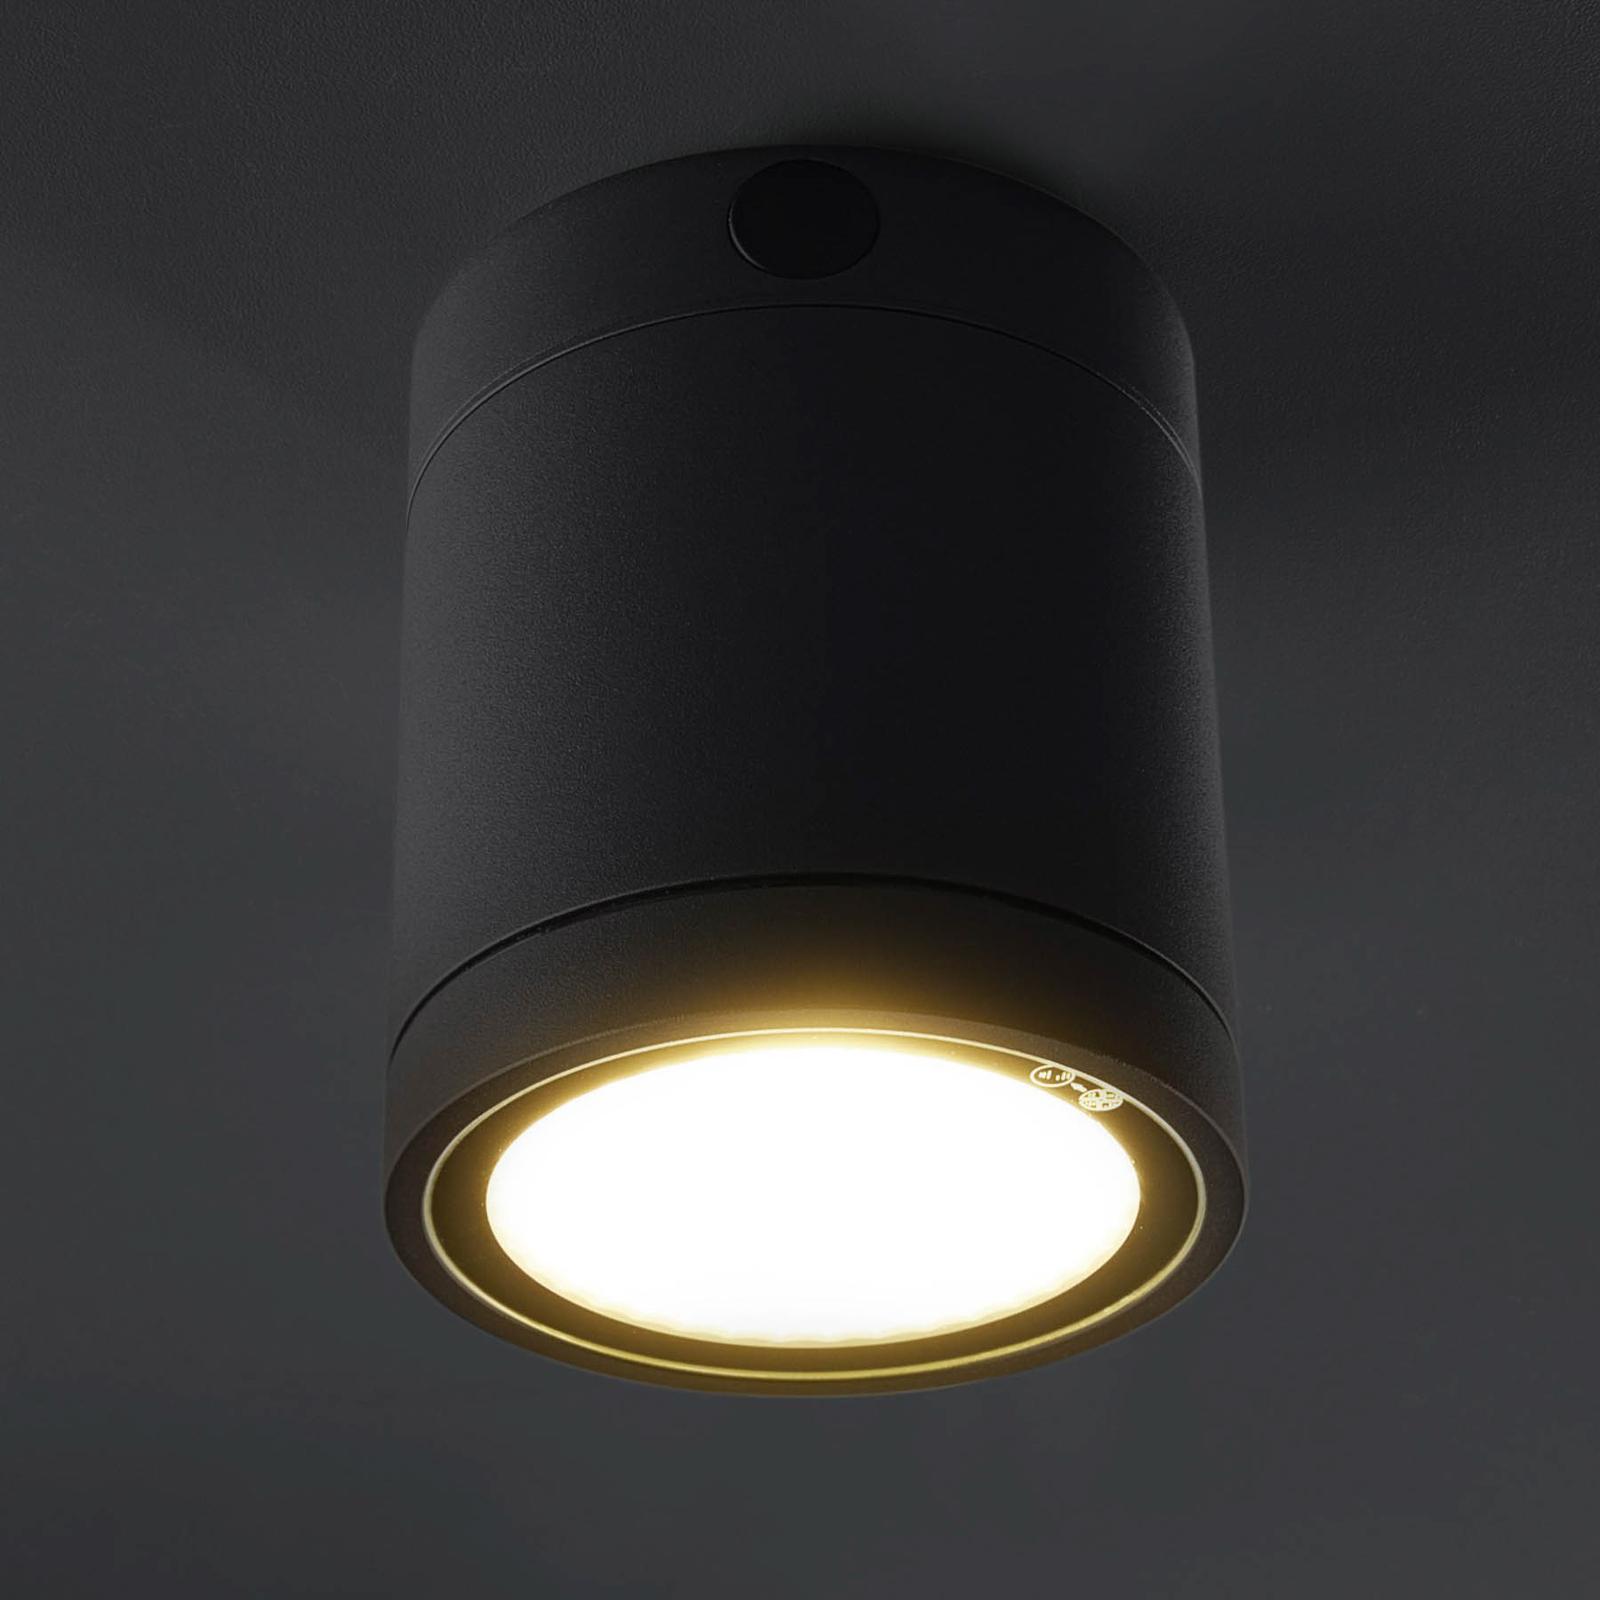 LED-Deckenleuchte Negro für außen